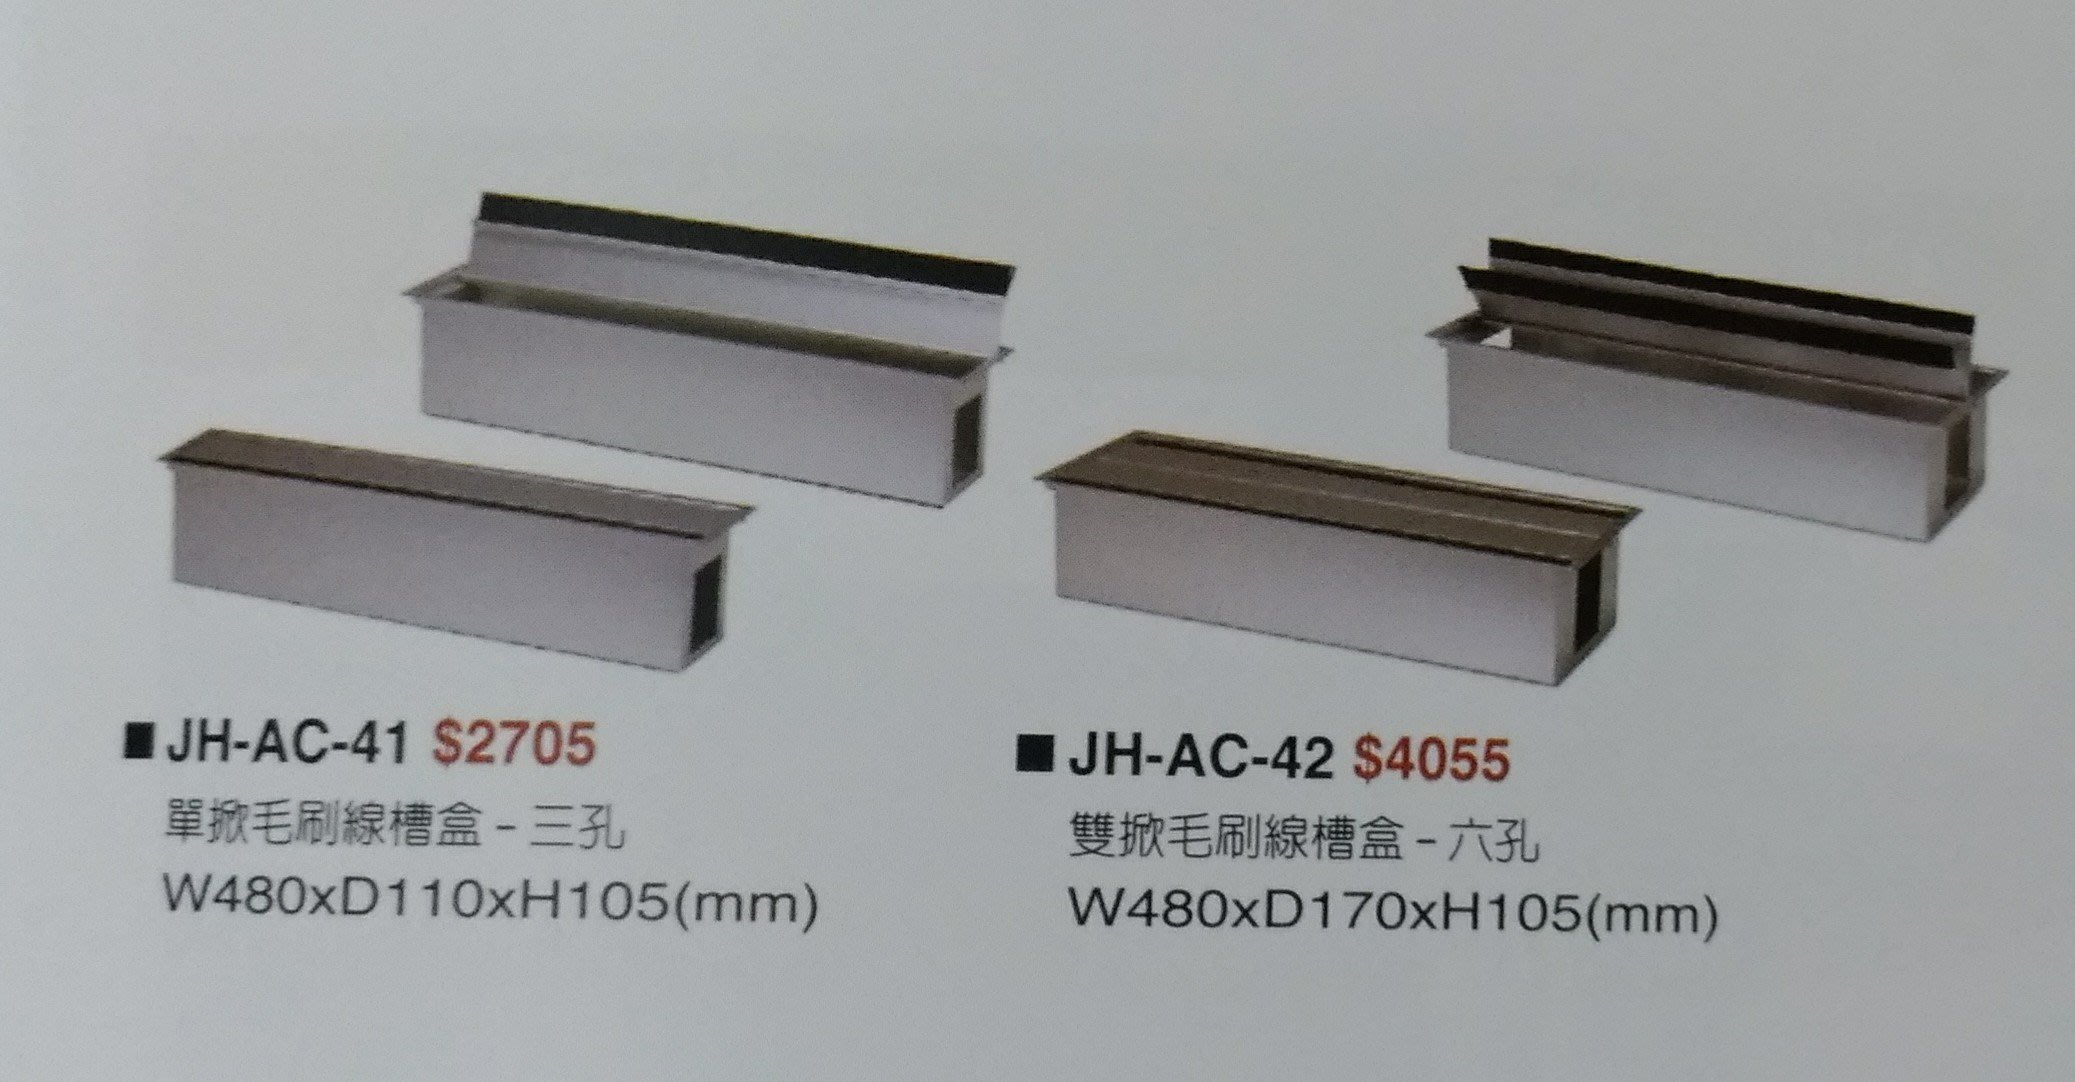 亞毅oa辦公家具 單掀毛刷線槽盒 會議桌之線槽盒 可掀蓋出線孔 三孔 設計師推薦款 時尚潮流